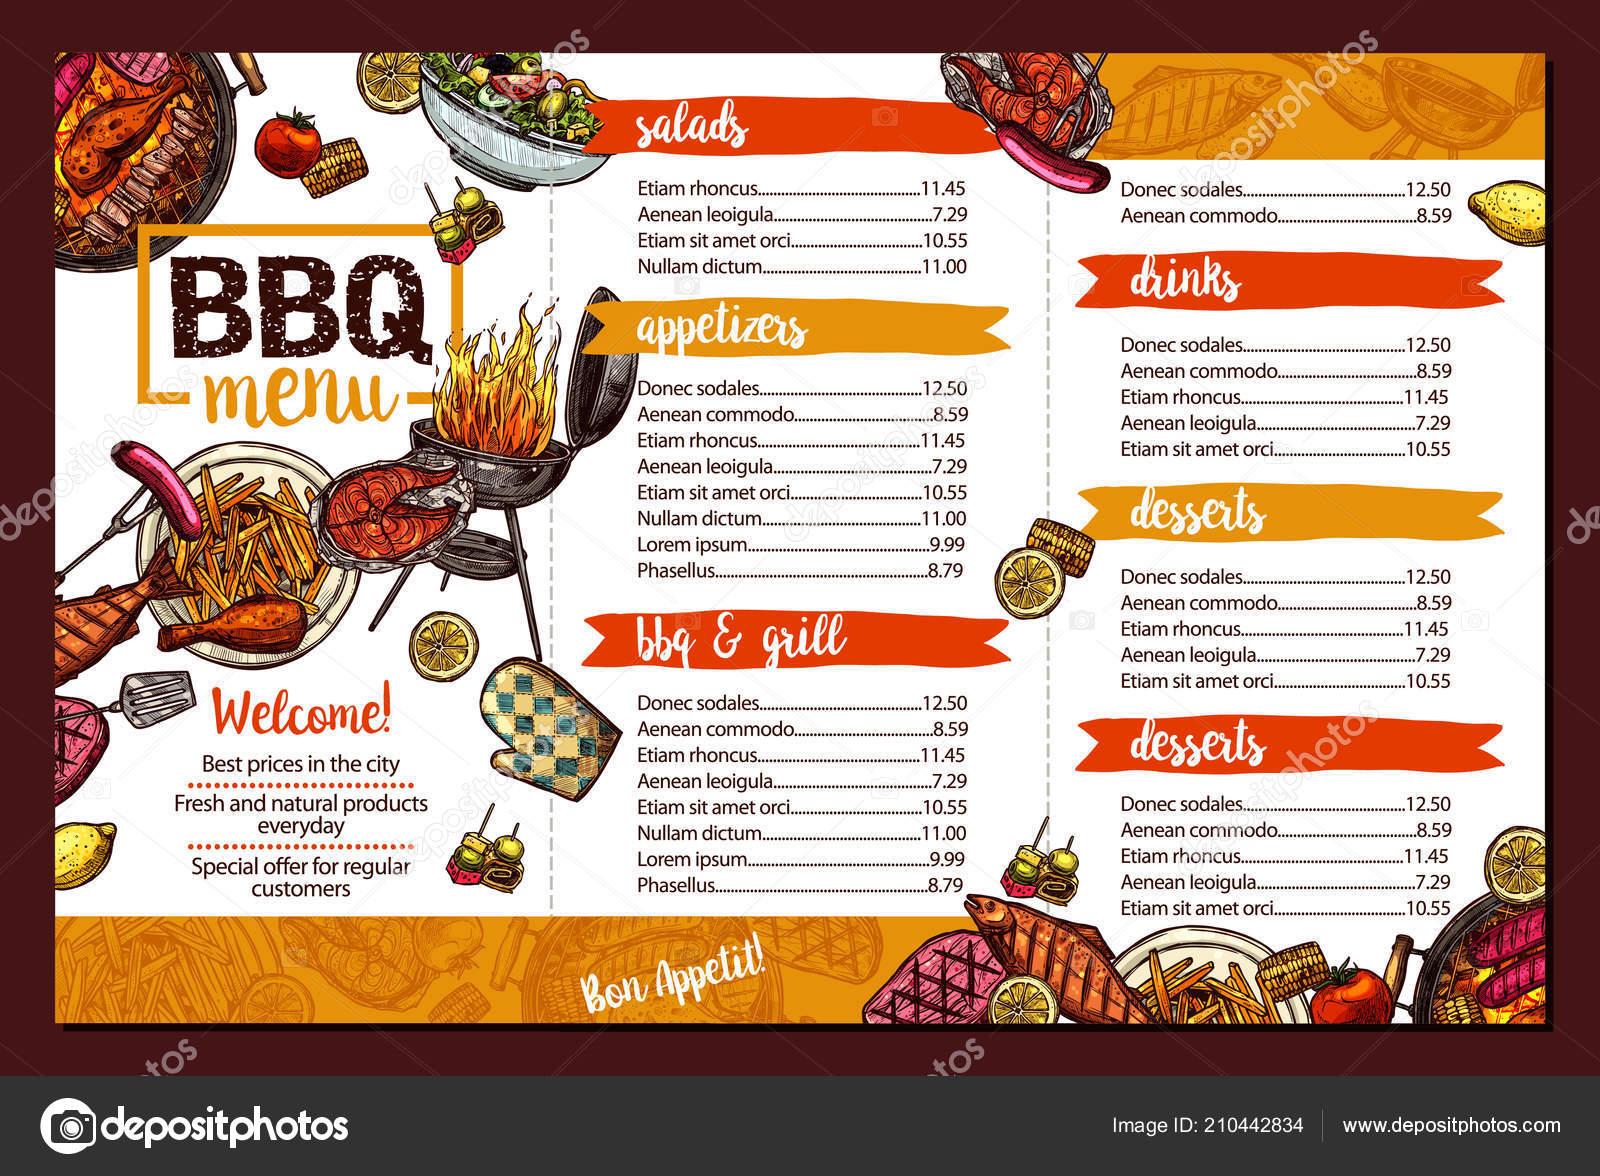 Bbq Restaurant Menu Stock Vector C Alexrockheart 210442834